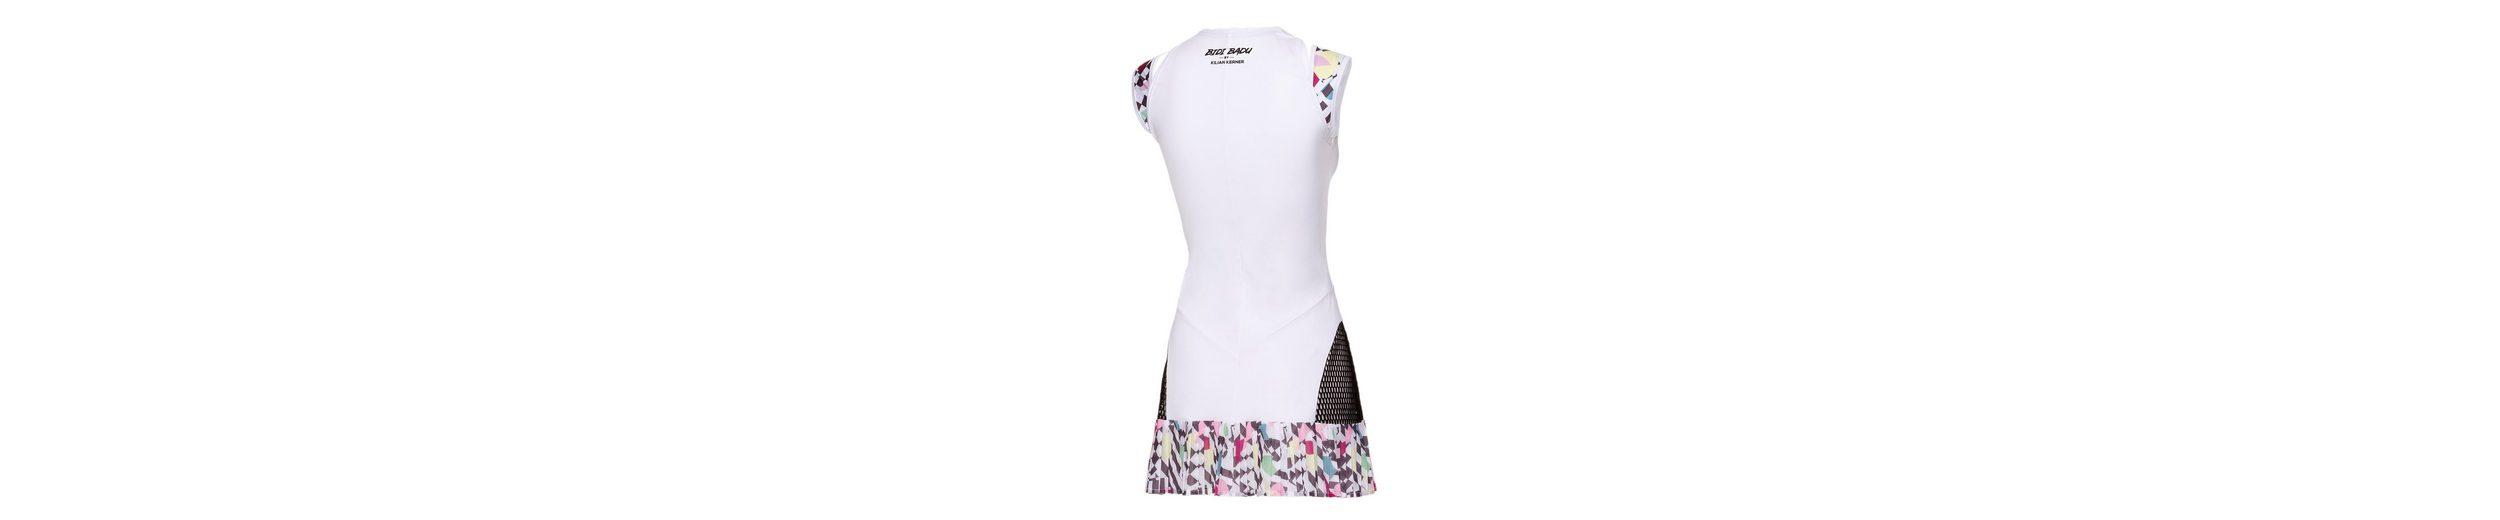 BIDI BADU Tenniskleid im innovativen Look Auslass Perfekt cQjgR82